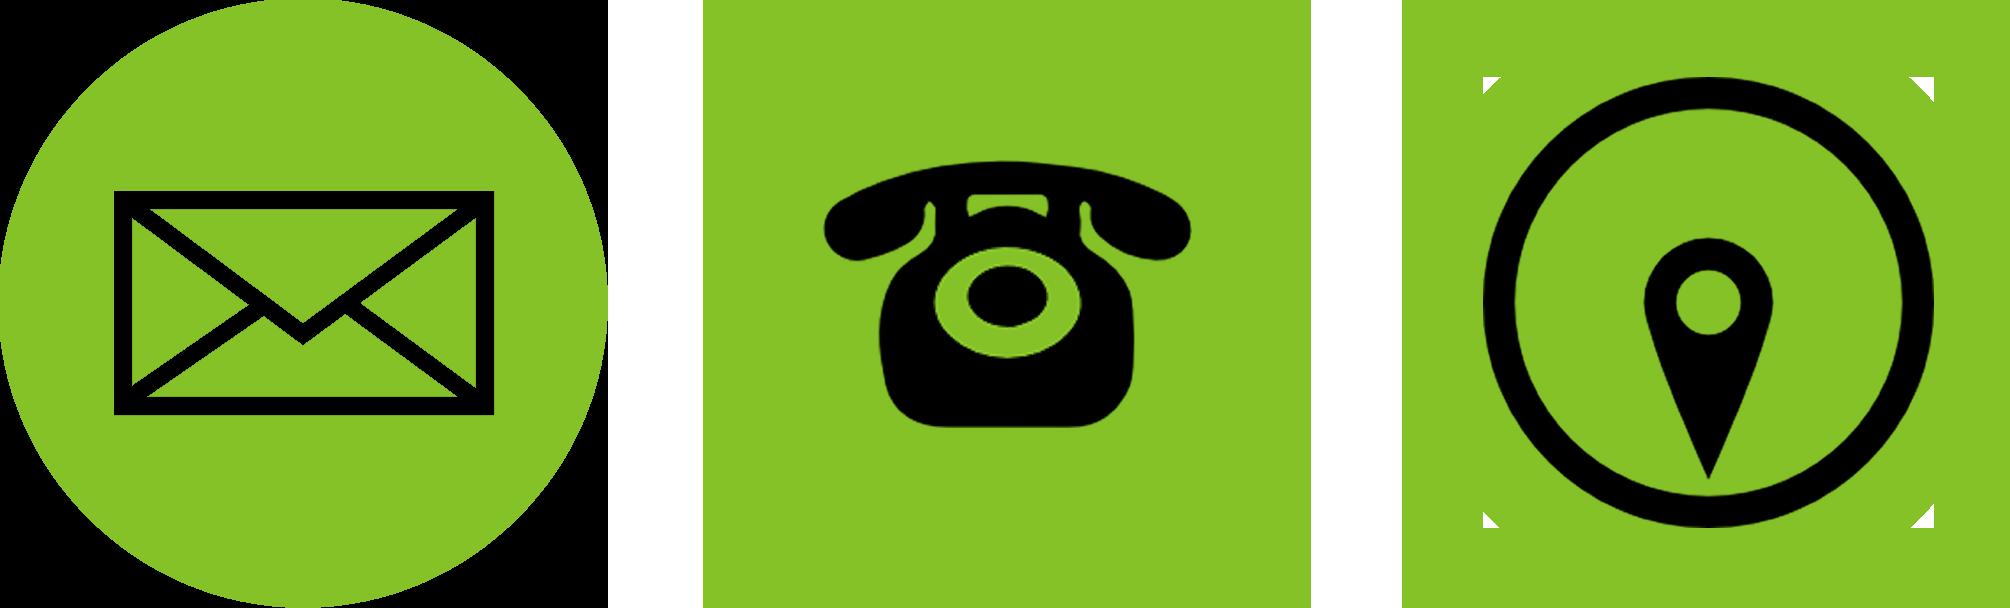 Contacto for Telefono oficina de correos